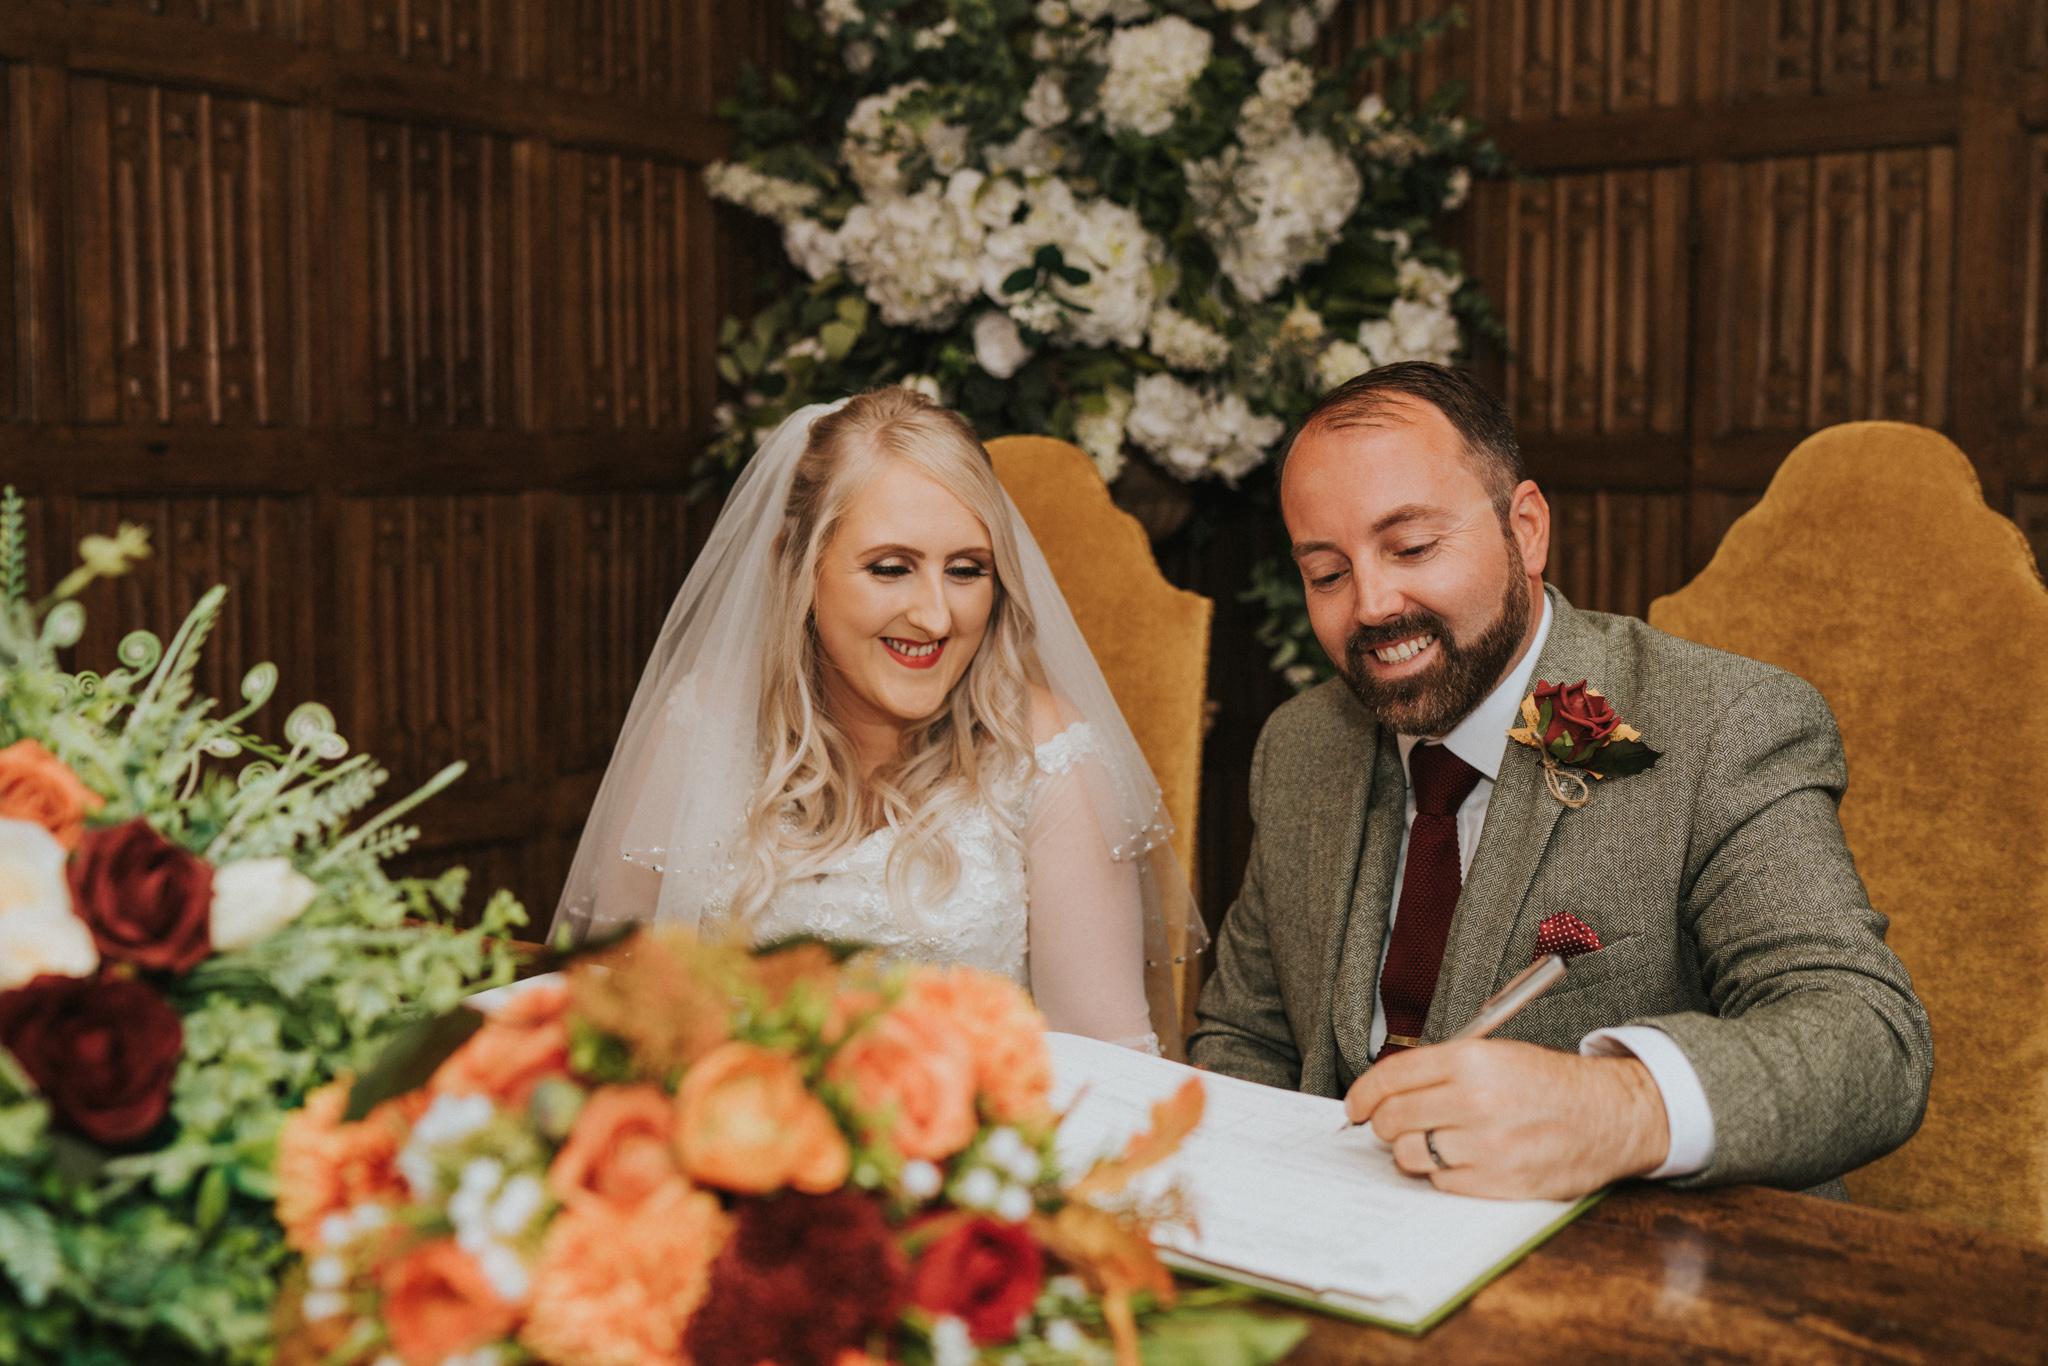 chara-neil-gosfield-hall-wedding-grace-elizabeth-colchester-essex-alternative-wedding-photographer-essex-devon-suffolk-norfolk (29 of 50).jpg